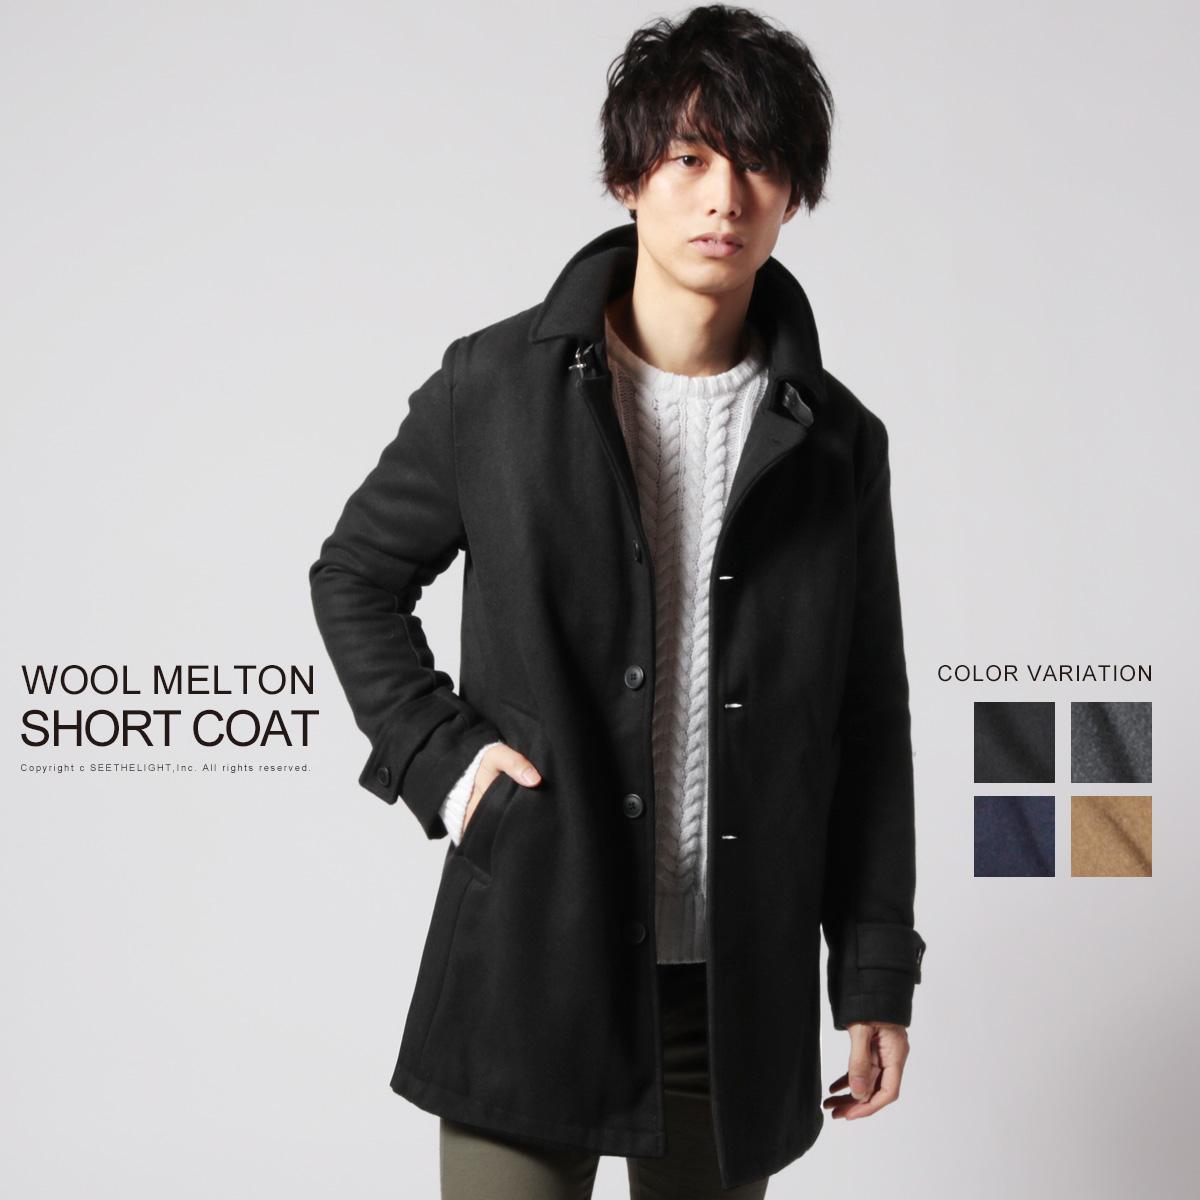 ステンカラーコート ジャケット メンズ ショート丈 ミドル丈 秋 冬 WOOL 700g ウールメルトン メンズファッション アウター S M L LL XL ウール混 長袖 中綿 THERMOLITE シンプル カジュアル きれいめ 上品 あたたかい